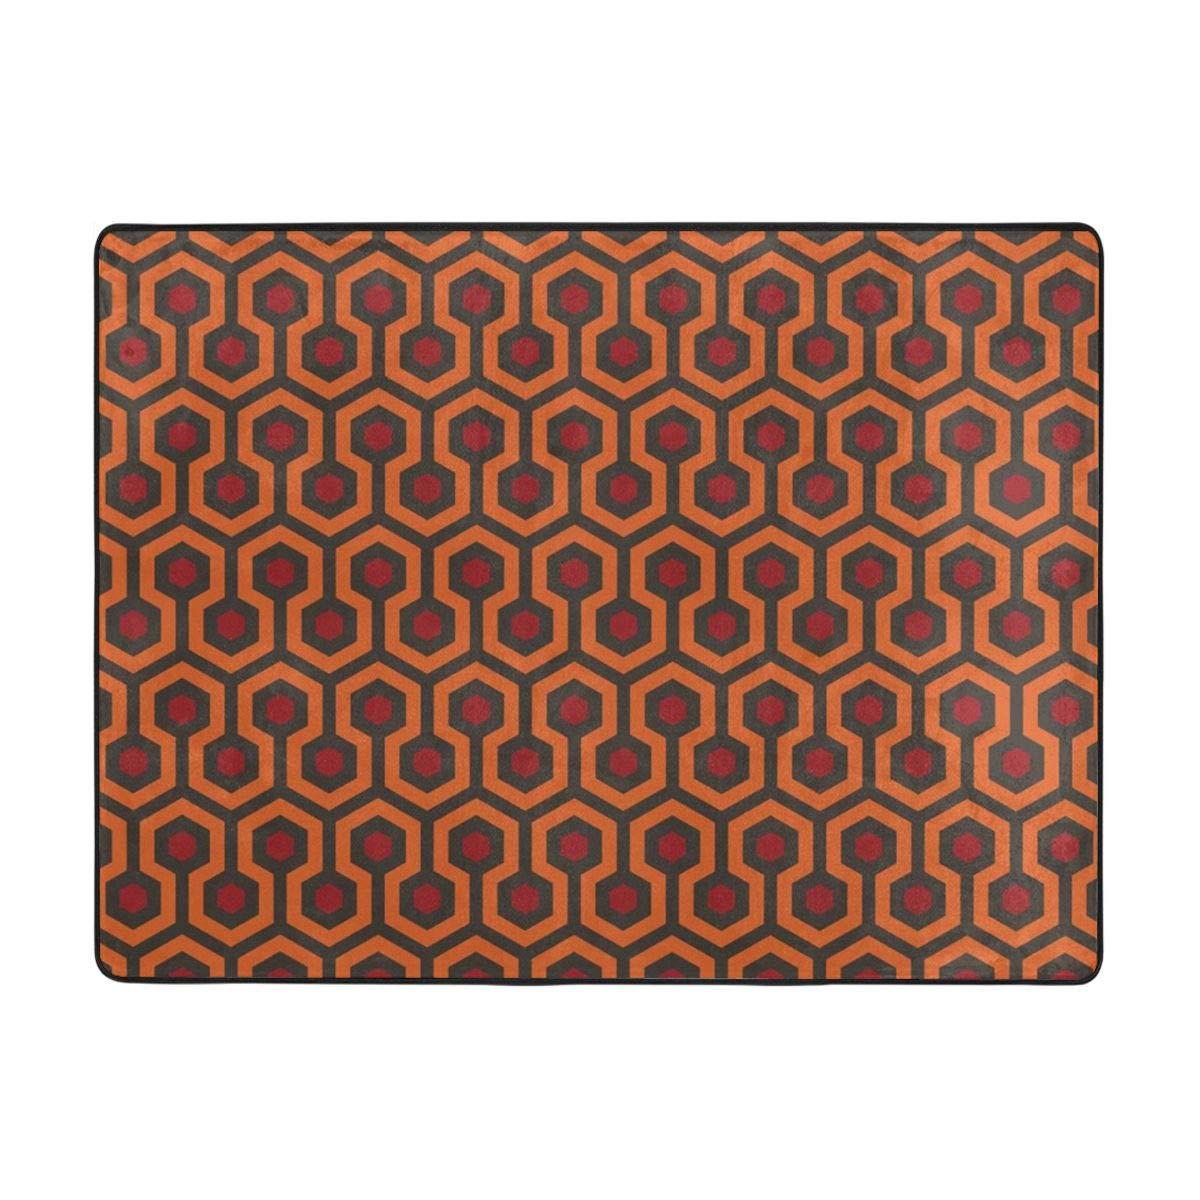 Amazon.com: YOUNG H0ME Area Rugs, Doormat Floor Mat Shaggy ...